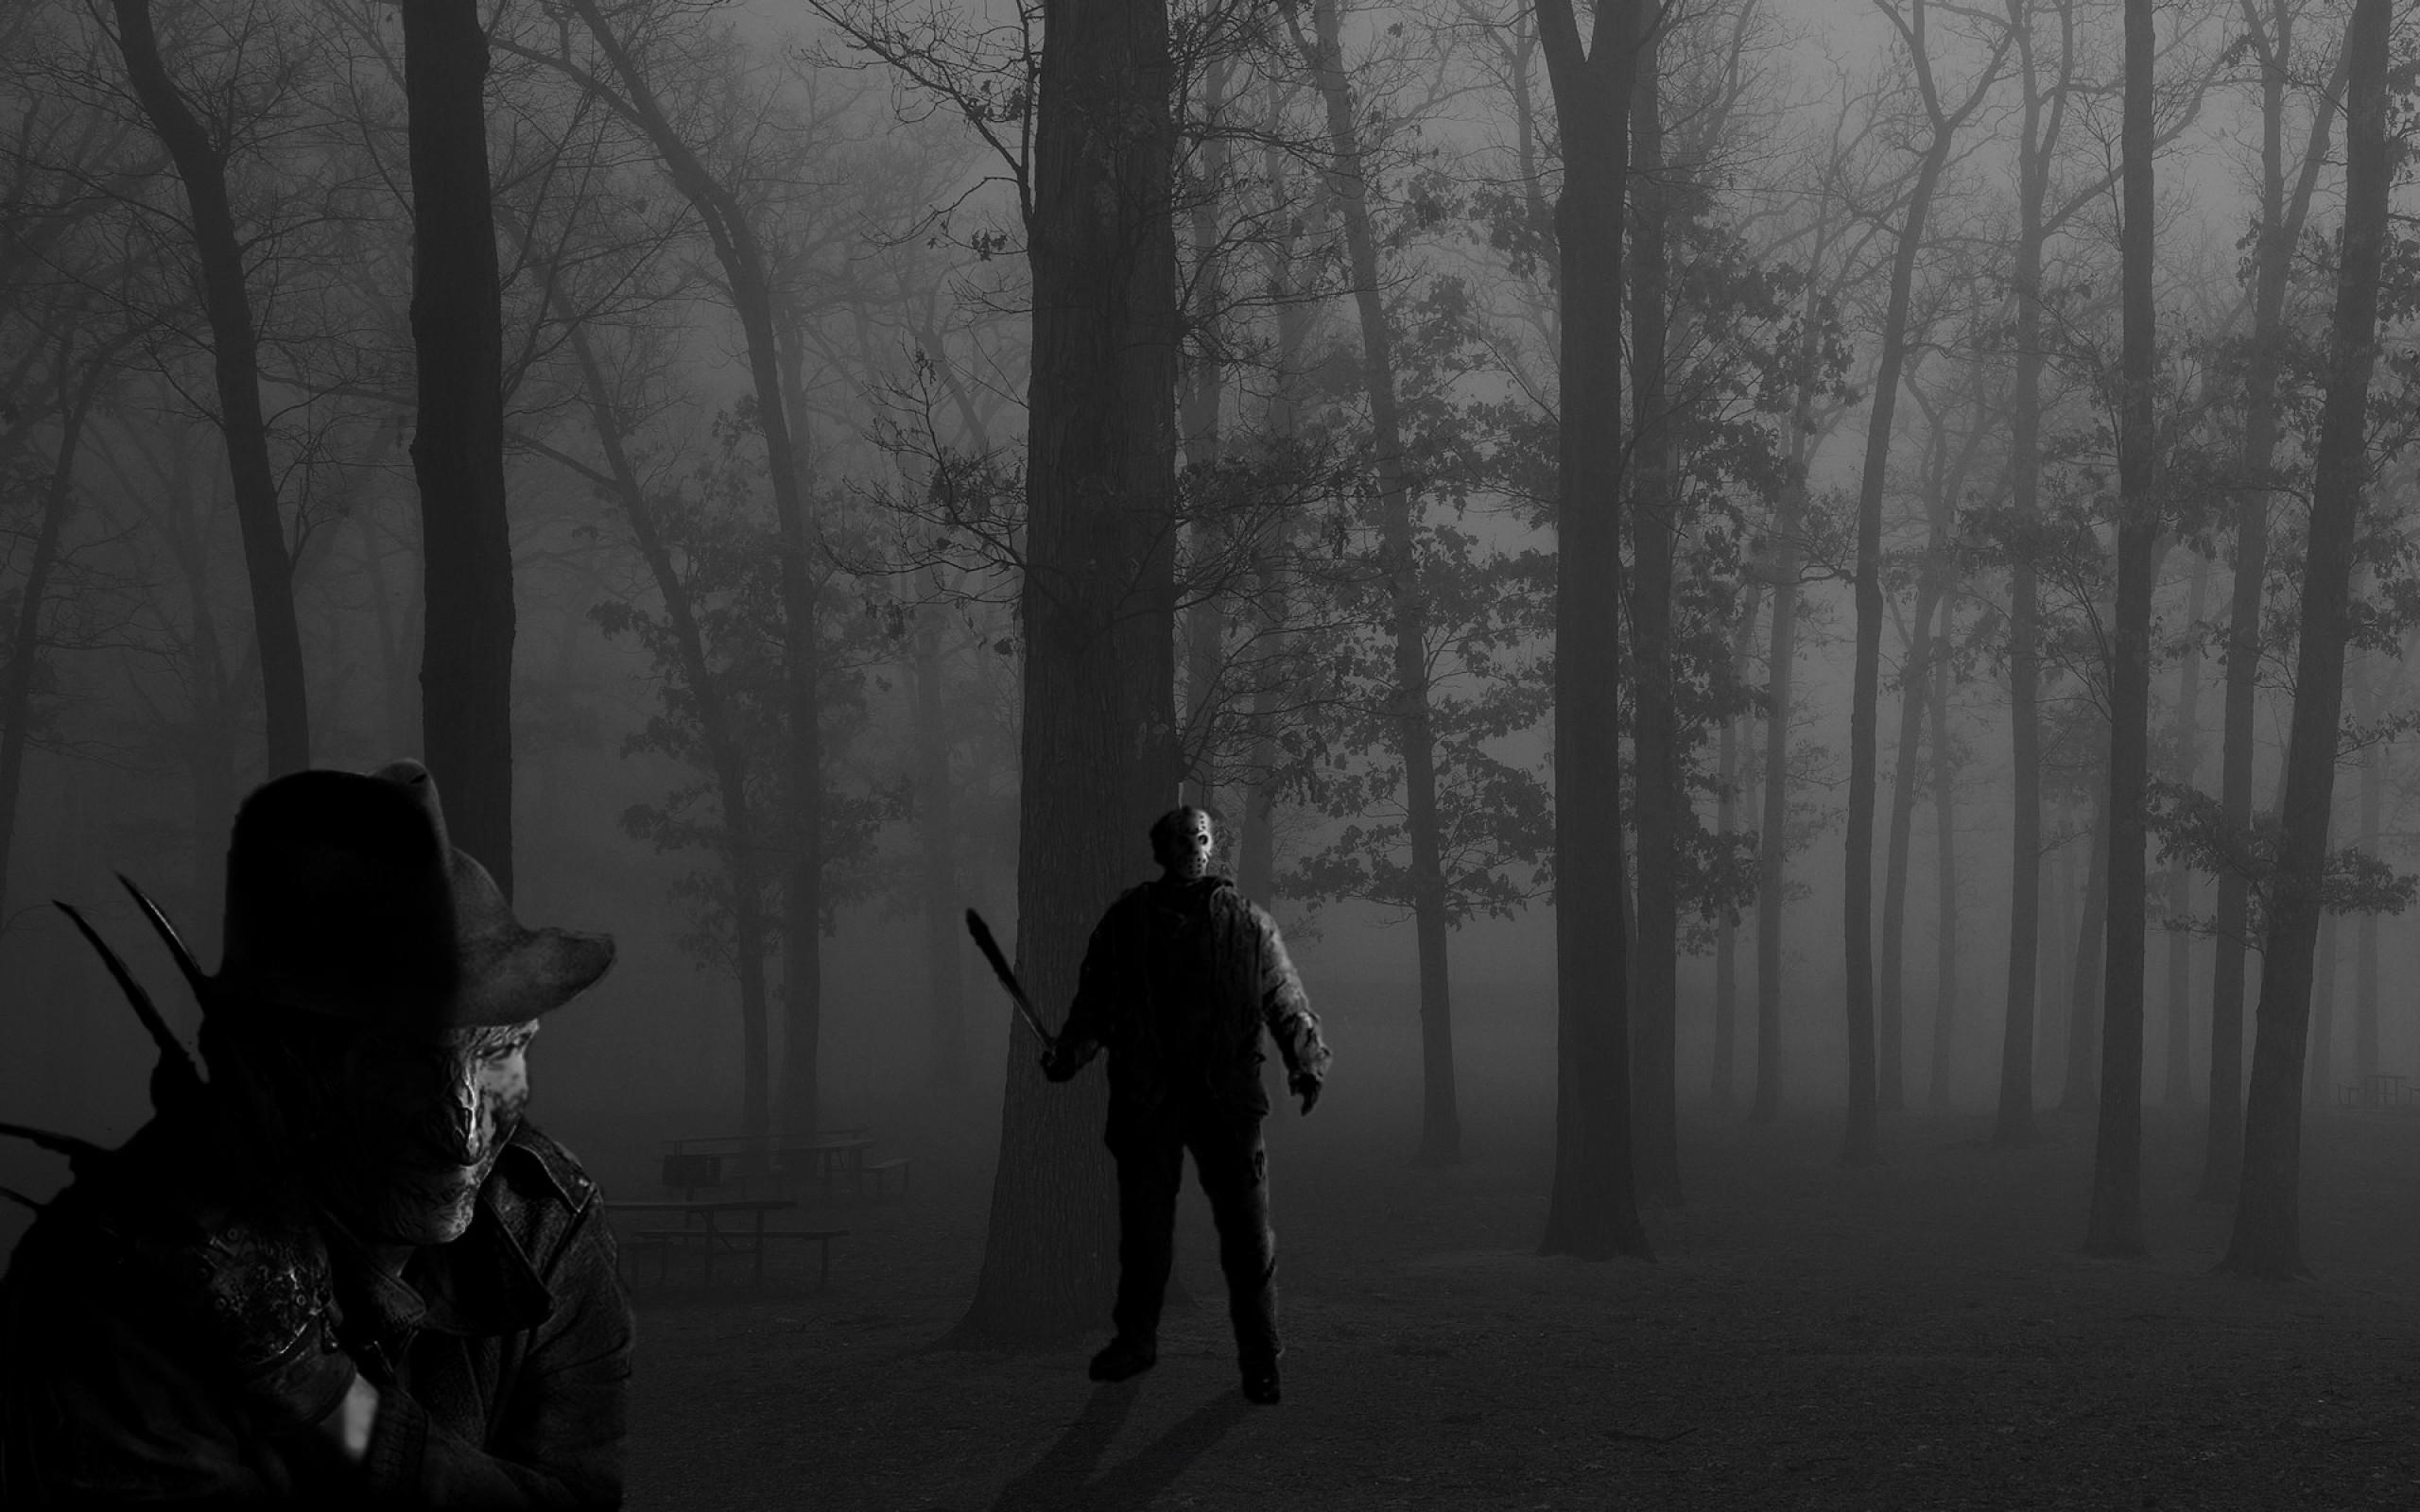 horror forest darkness psycho freddy krueger jason voorhees michael myers  leatherface 3200×1200 w Art HD Wallpaper